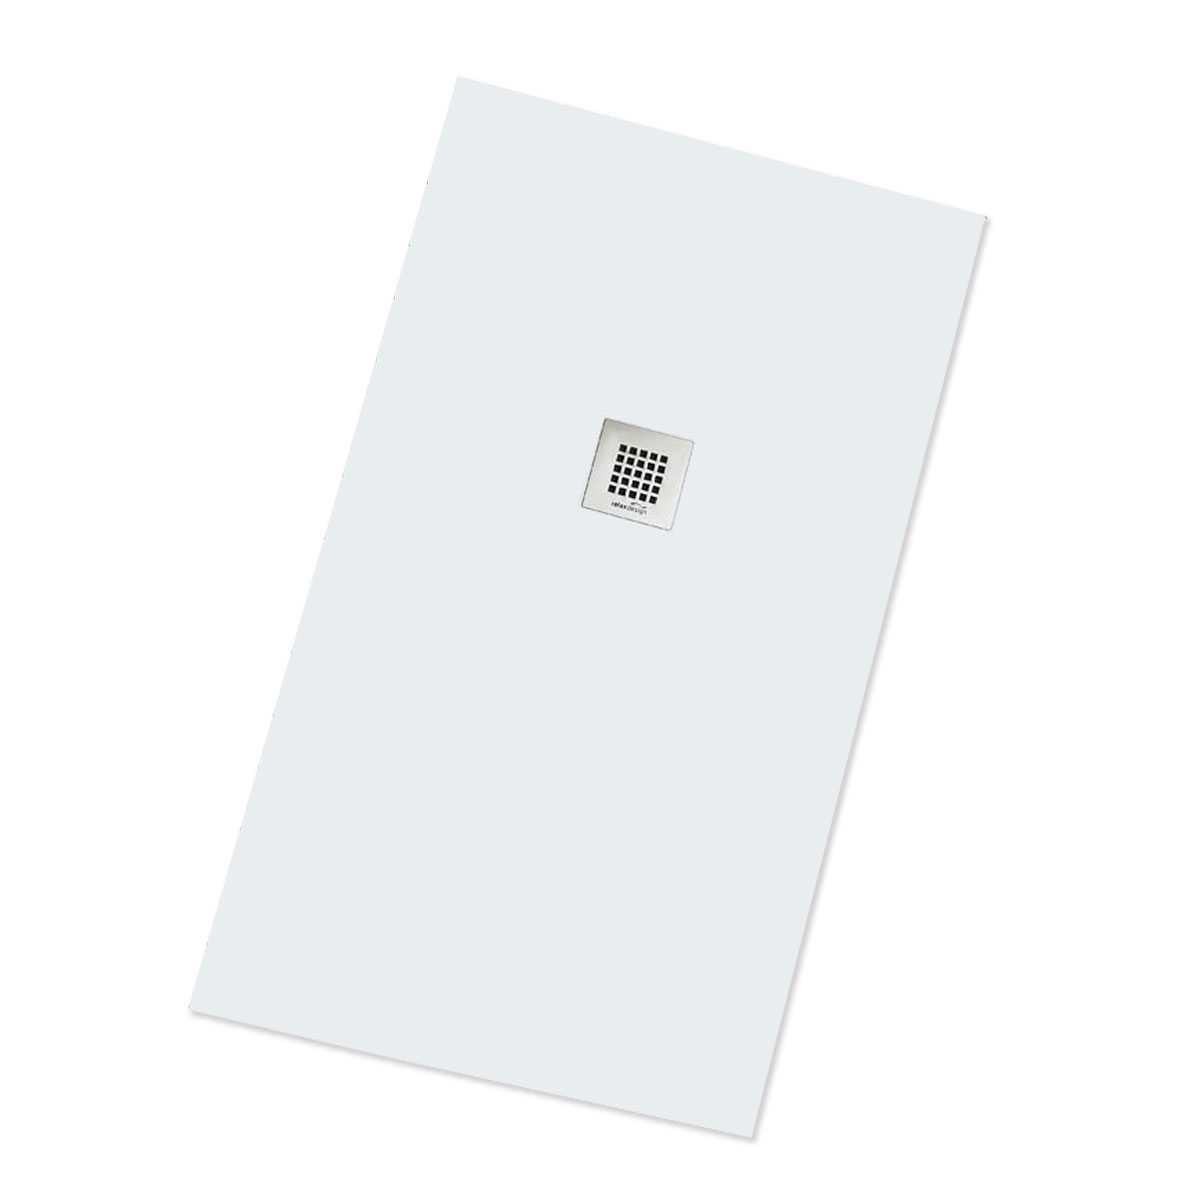 Piatto doccia ultrapiatto 80x80 colorato realizzato in solid surface Rocky Solid in 16 colori moderni